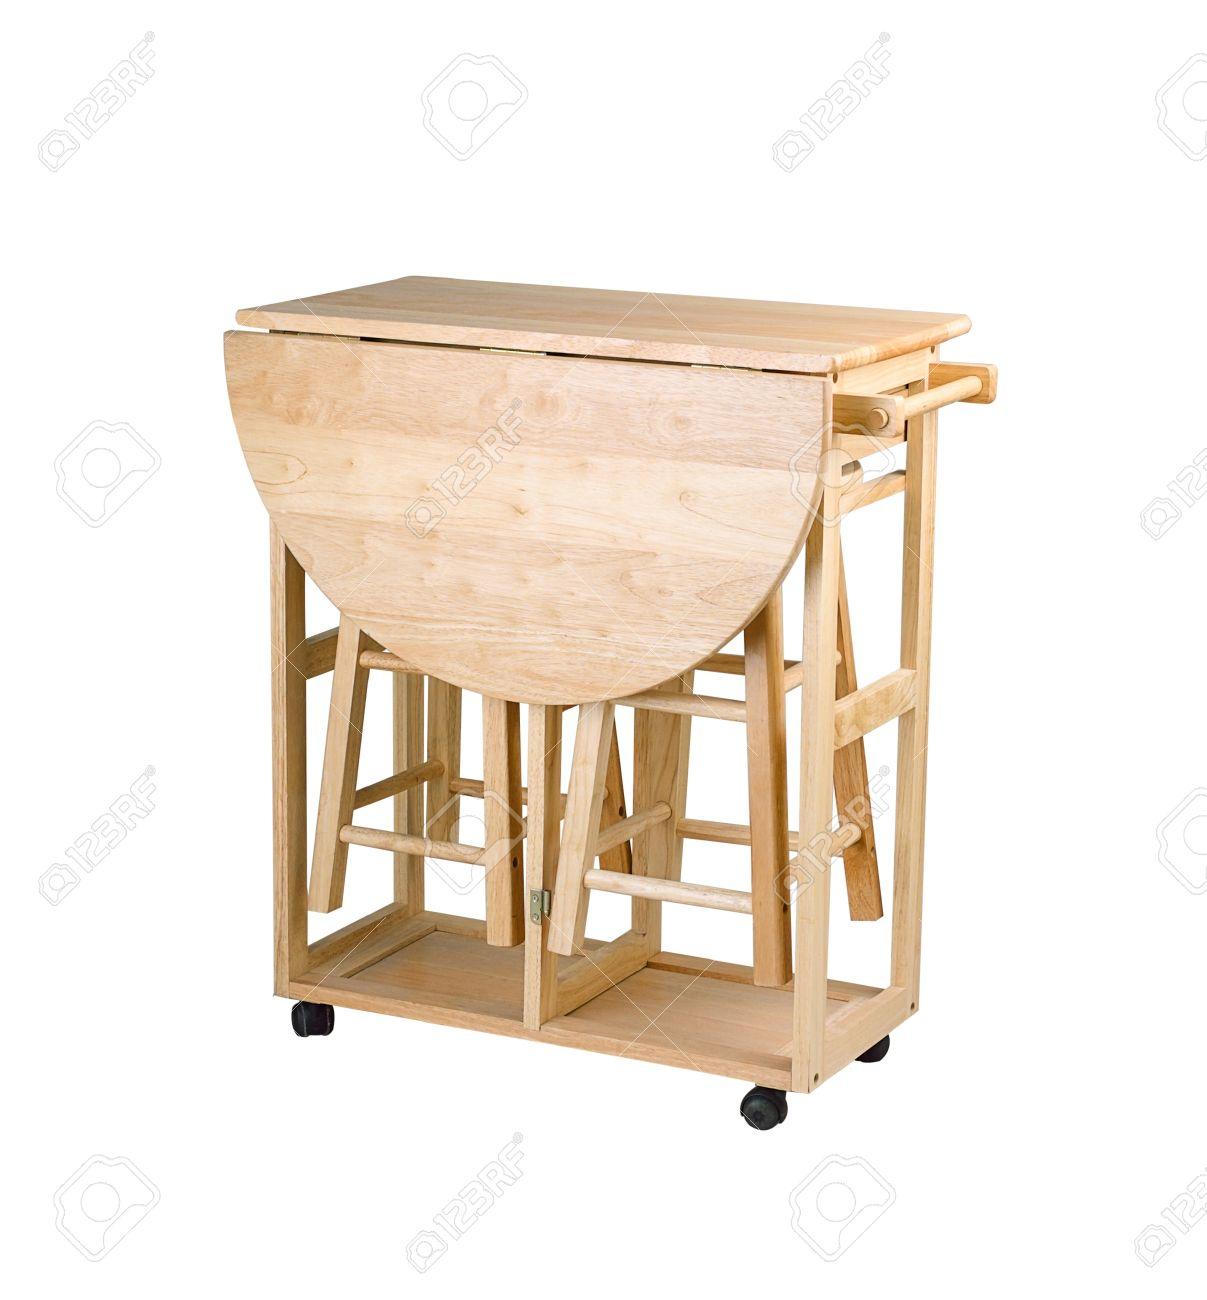 16742054-Pliante-et-mobile-avec-des-tabourets-de-table-en-bois-pour-petite-cuisine-Banque-d%27images.jpg